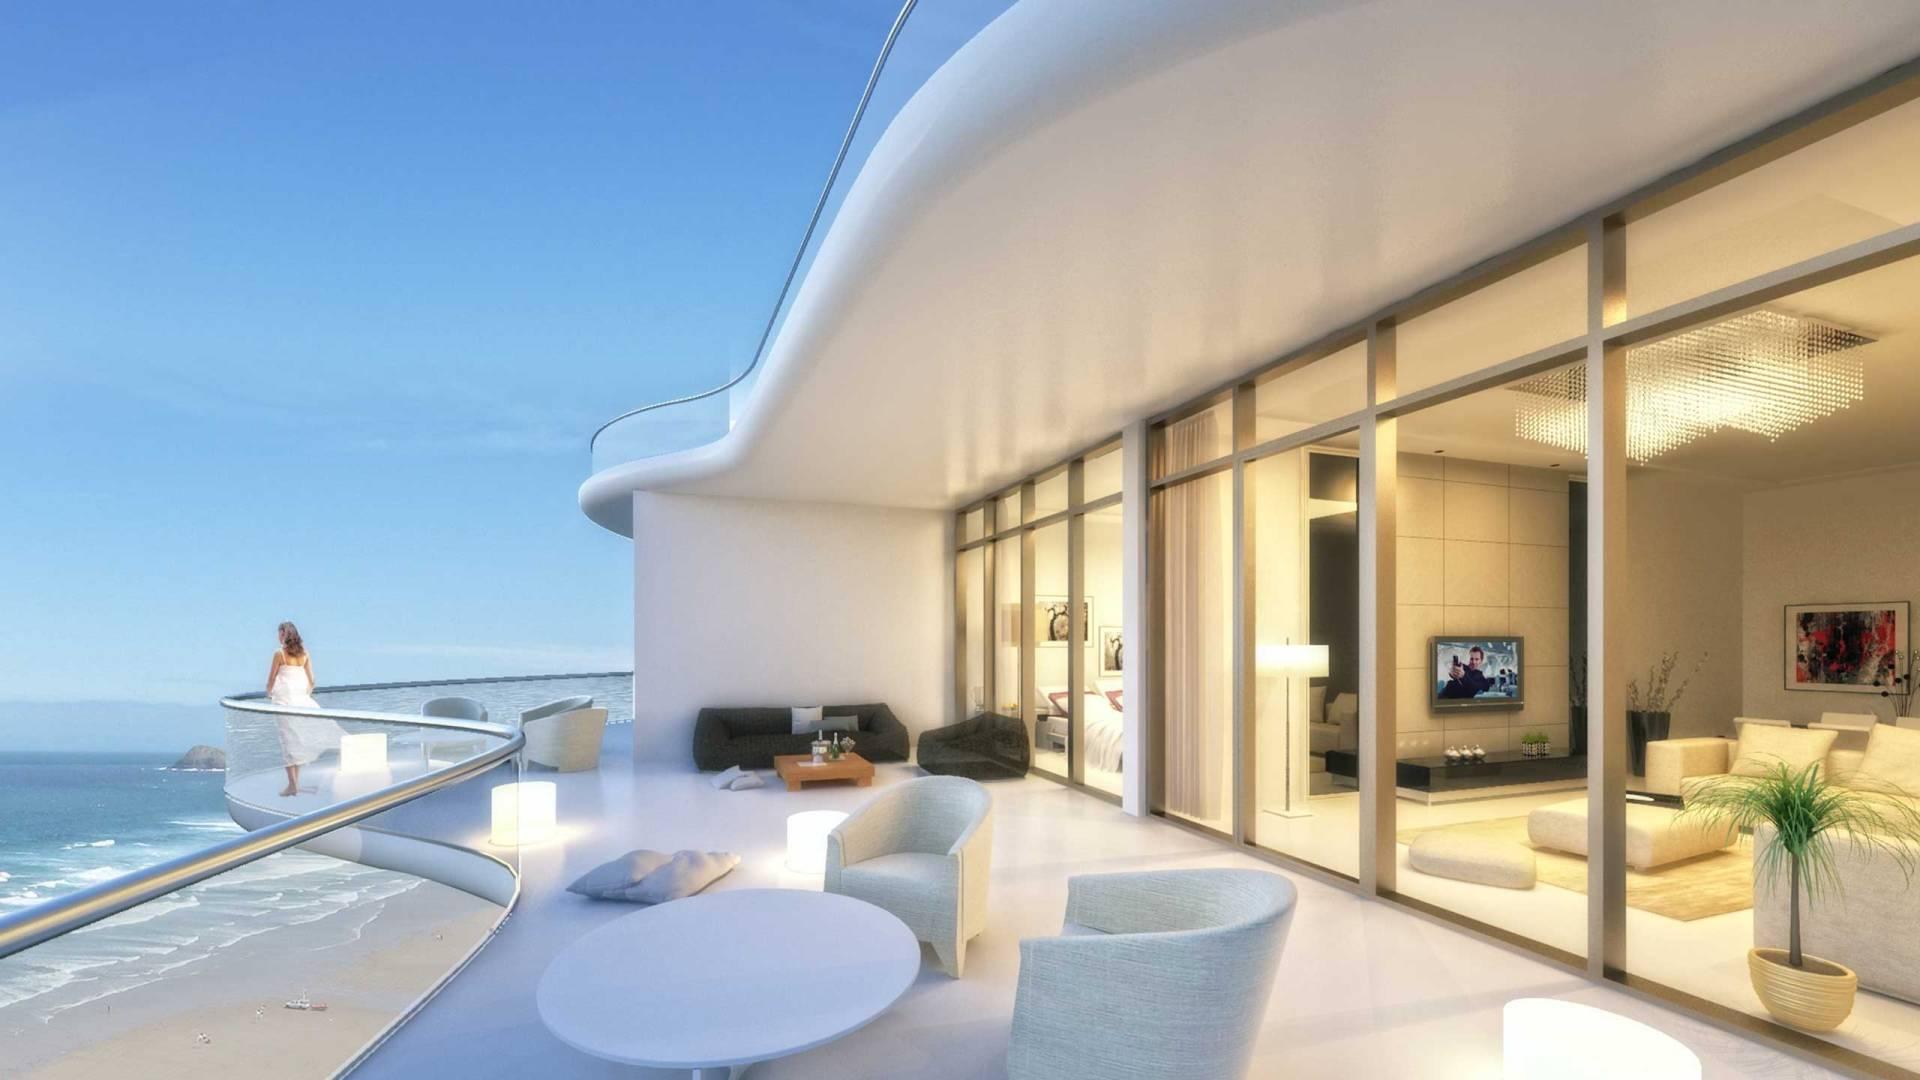 Ático en venta en Dubai, EAU, 3 dormitorios, 608 m2, № 24361 – foto 2